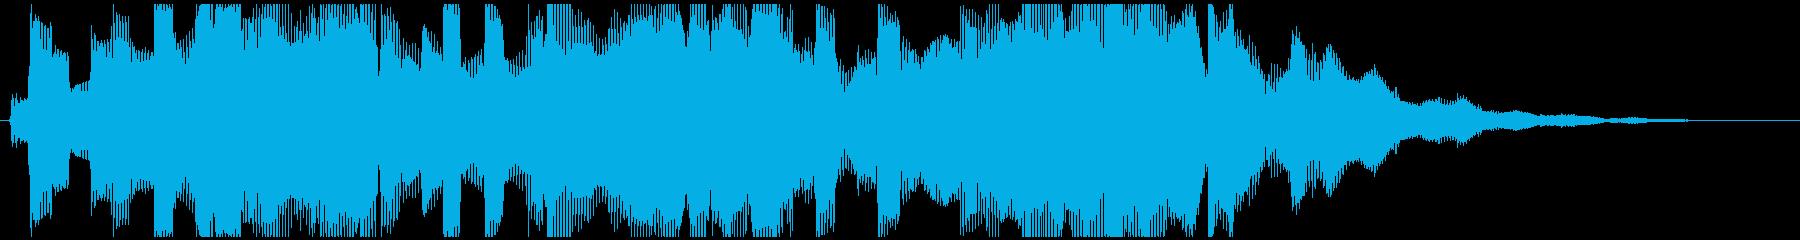 【企業ジングル】深刻な雰囲気/エレクトロの再生済みの波形